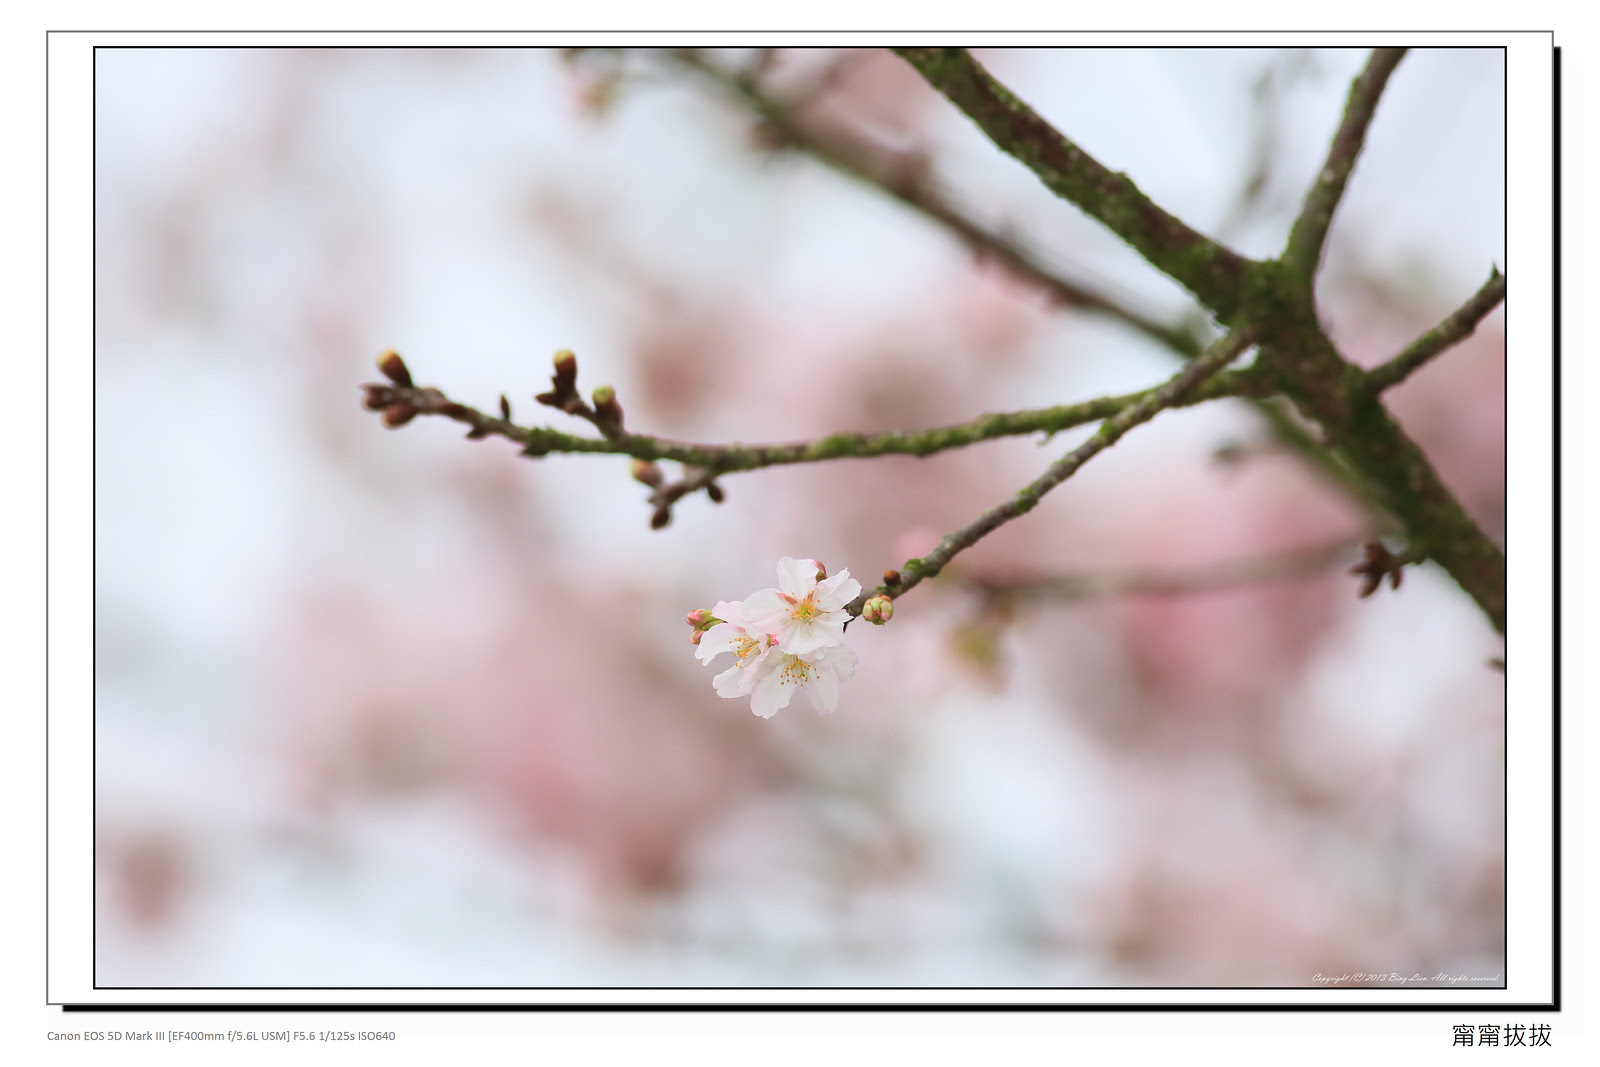 frame_BING8581